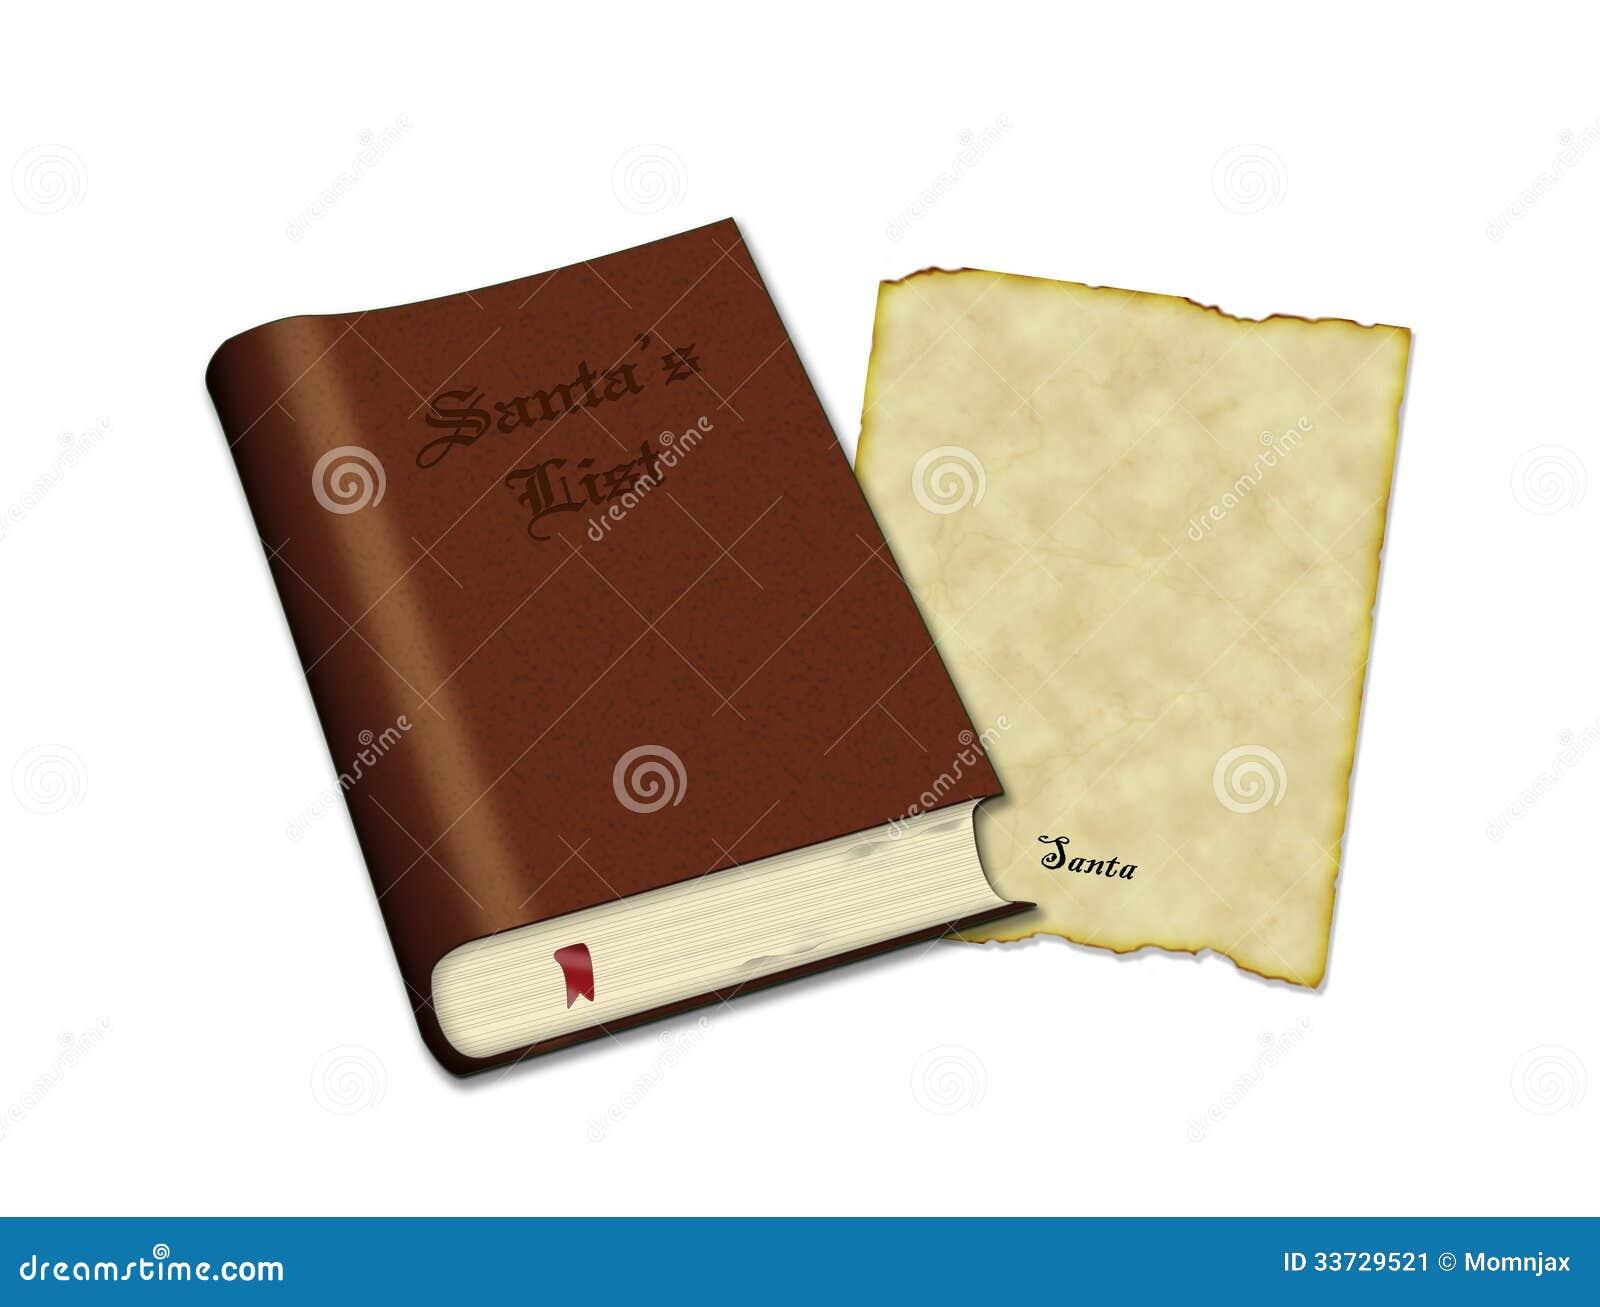 Книга списка Санты и старая пергаментная бумага для письма